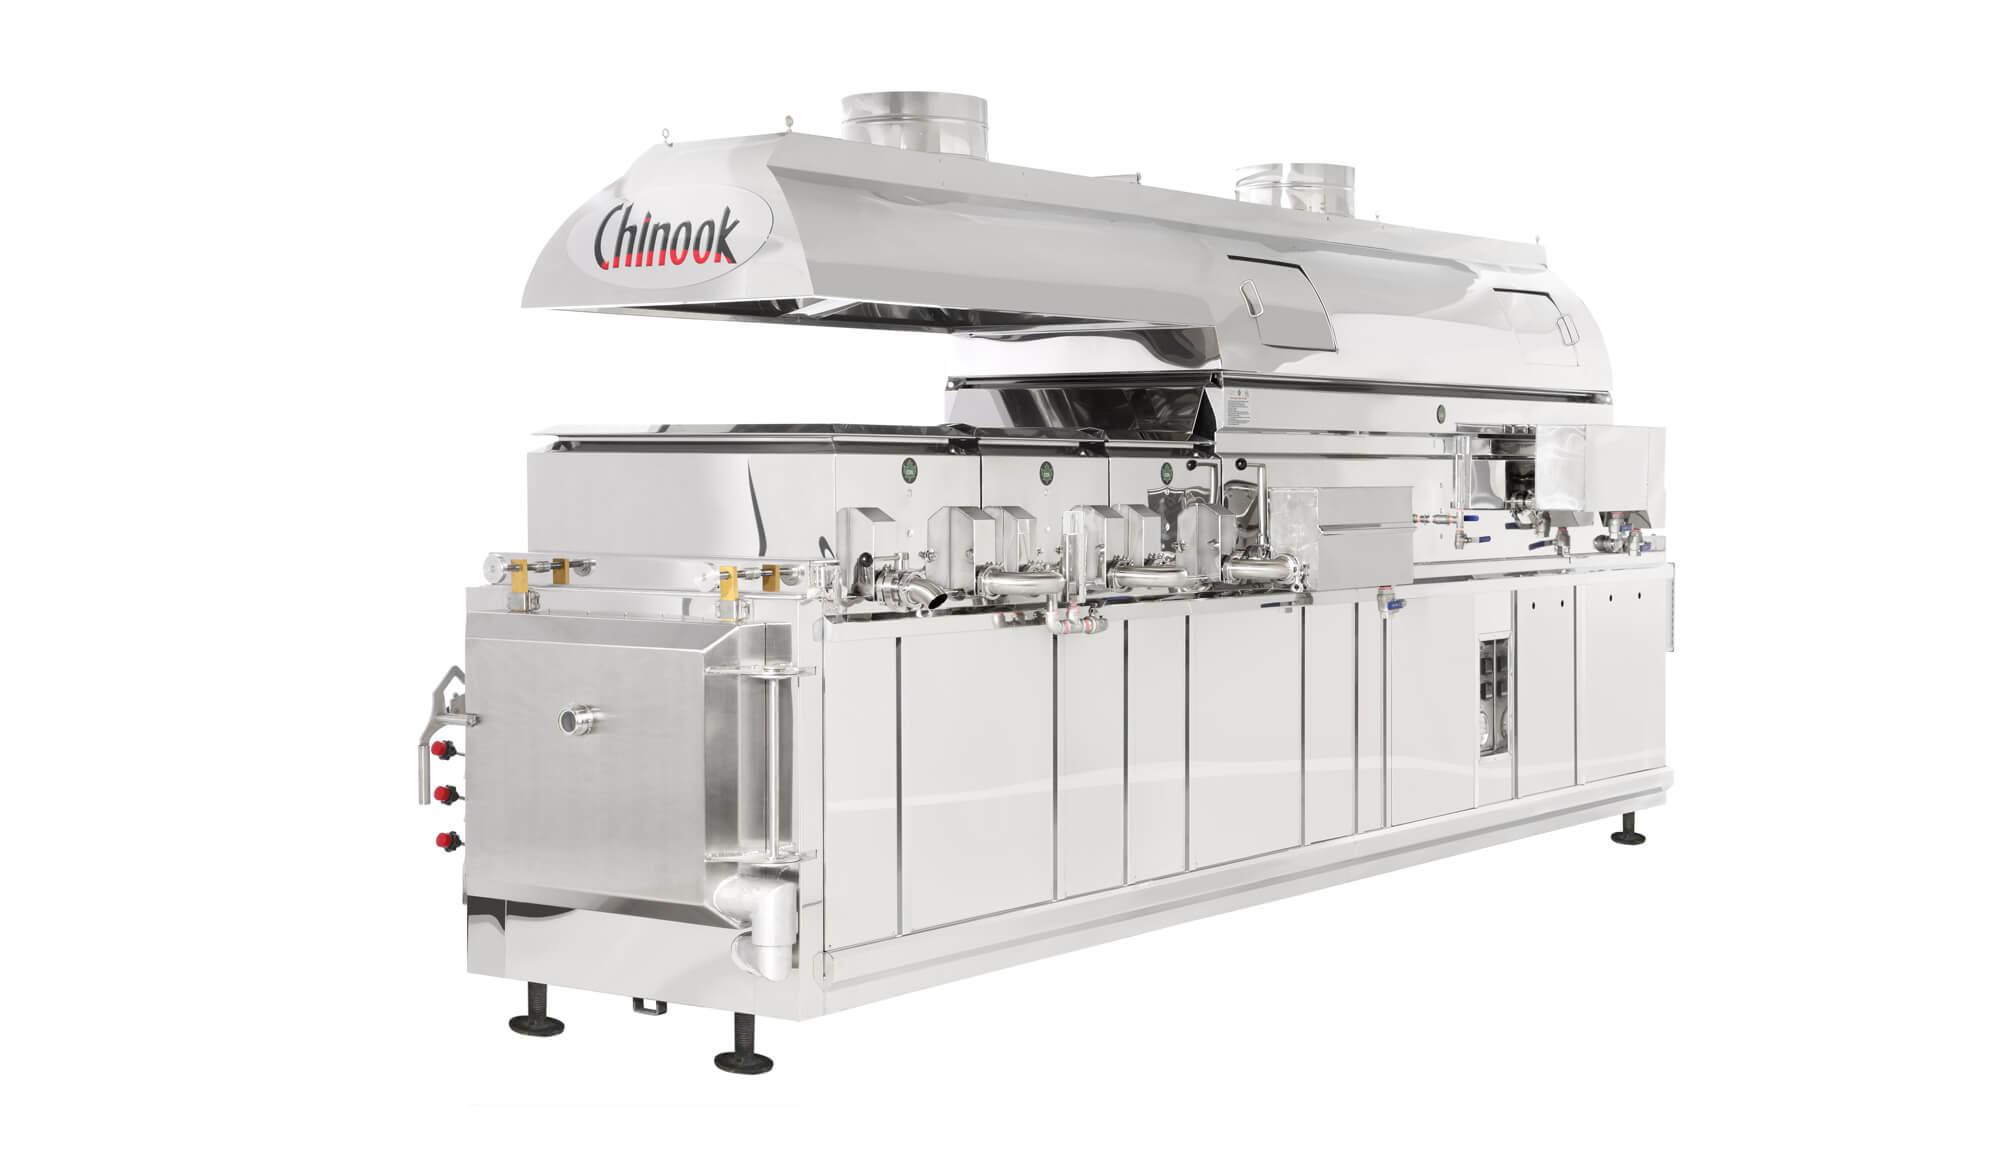 Évaporateur Chinook CDL Chinook evaporator